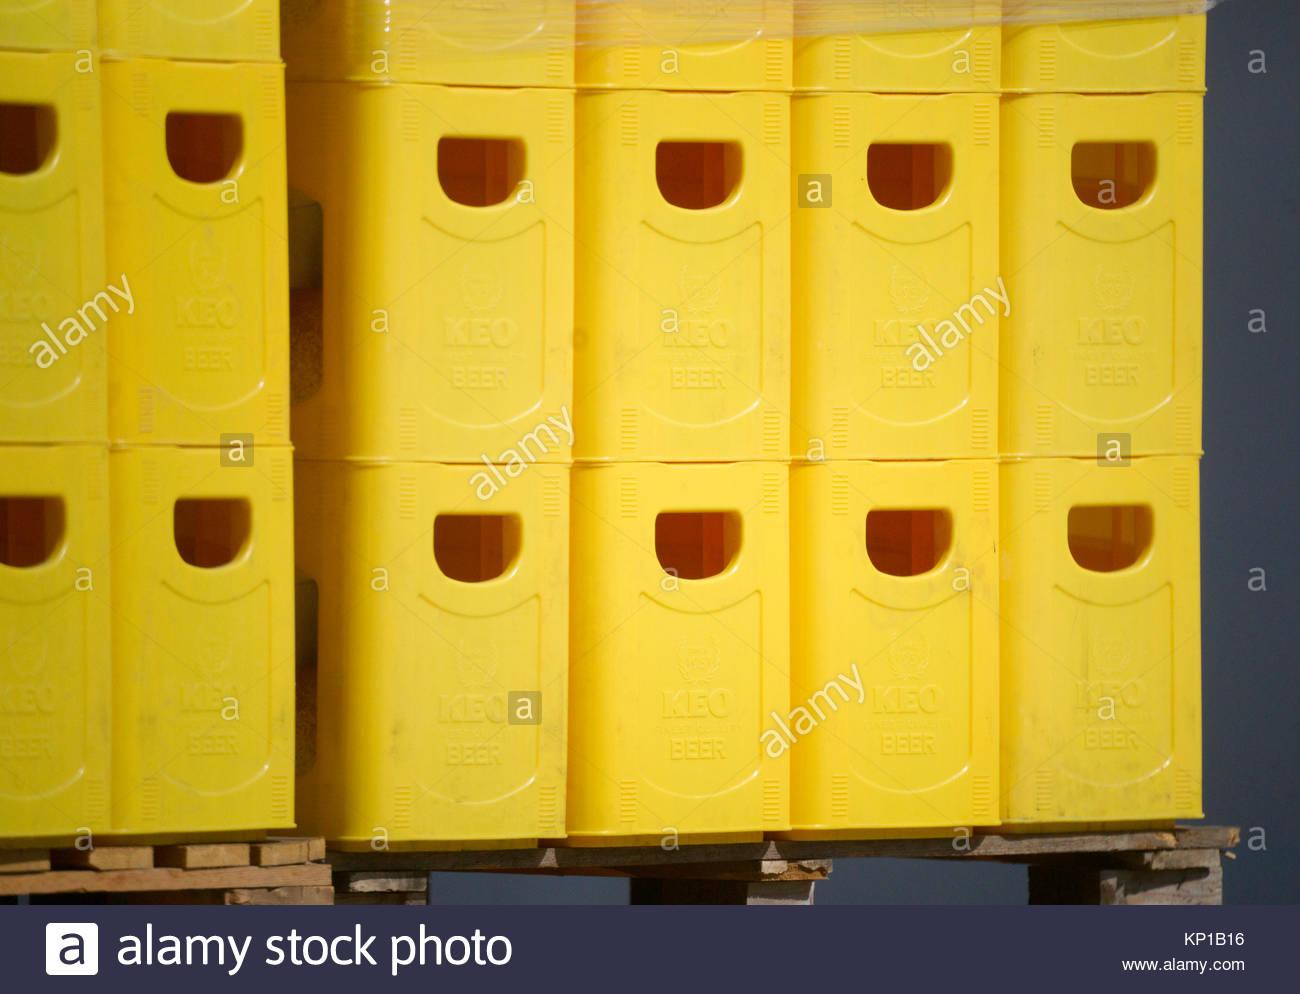 2017 leurope la grce chypre limassol vue sur les caisses en plastique empiles bire brasserie - Caisse Biere Plastique